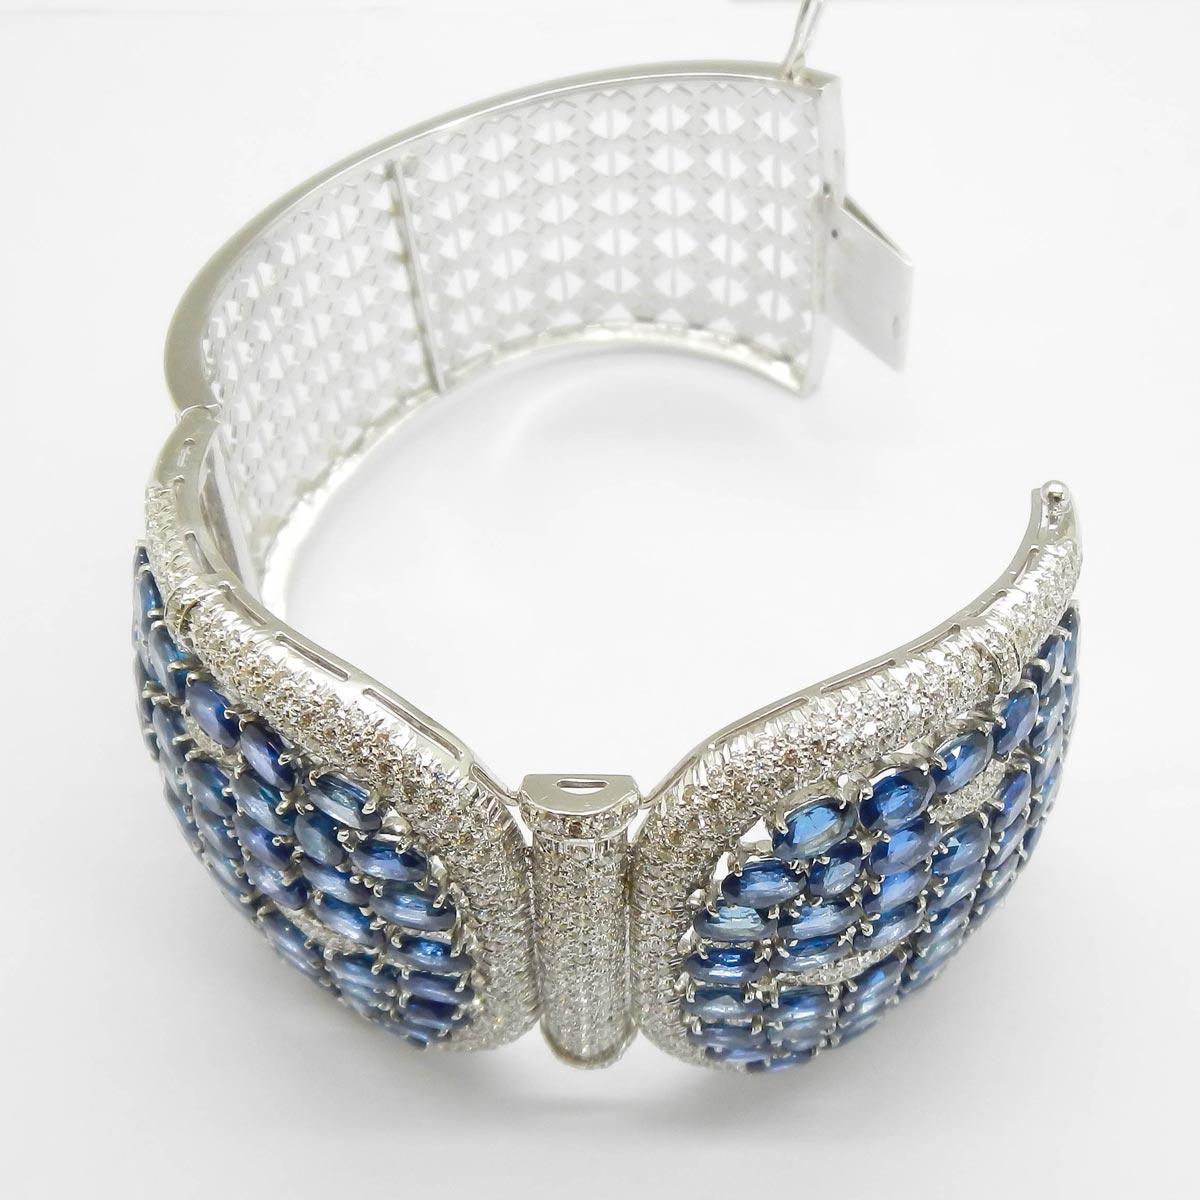 il-marchese-diamonds-diamanti-gioielli-artigianali-bracciale-rigido-zaffiro-zaffiri-blu-oro-bianco-3